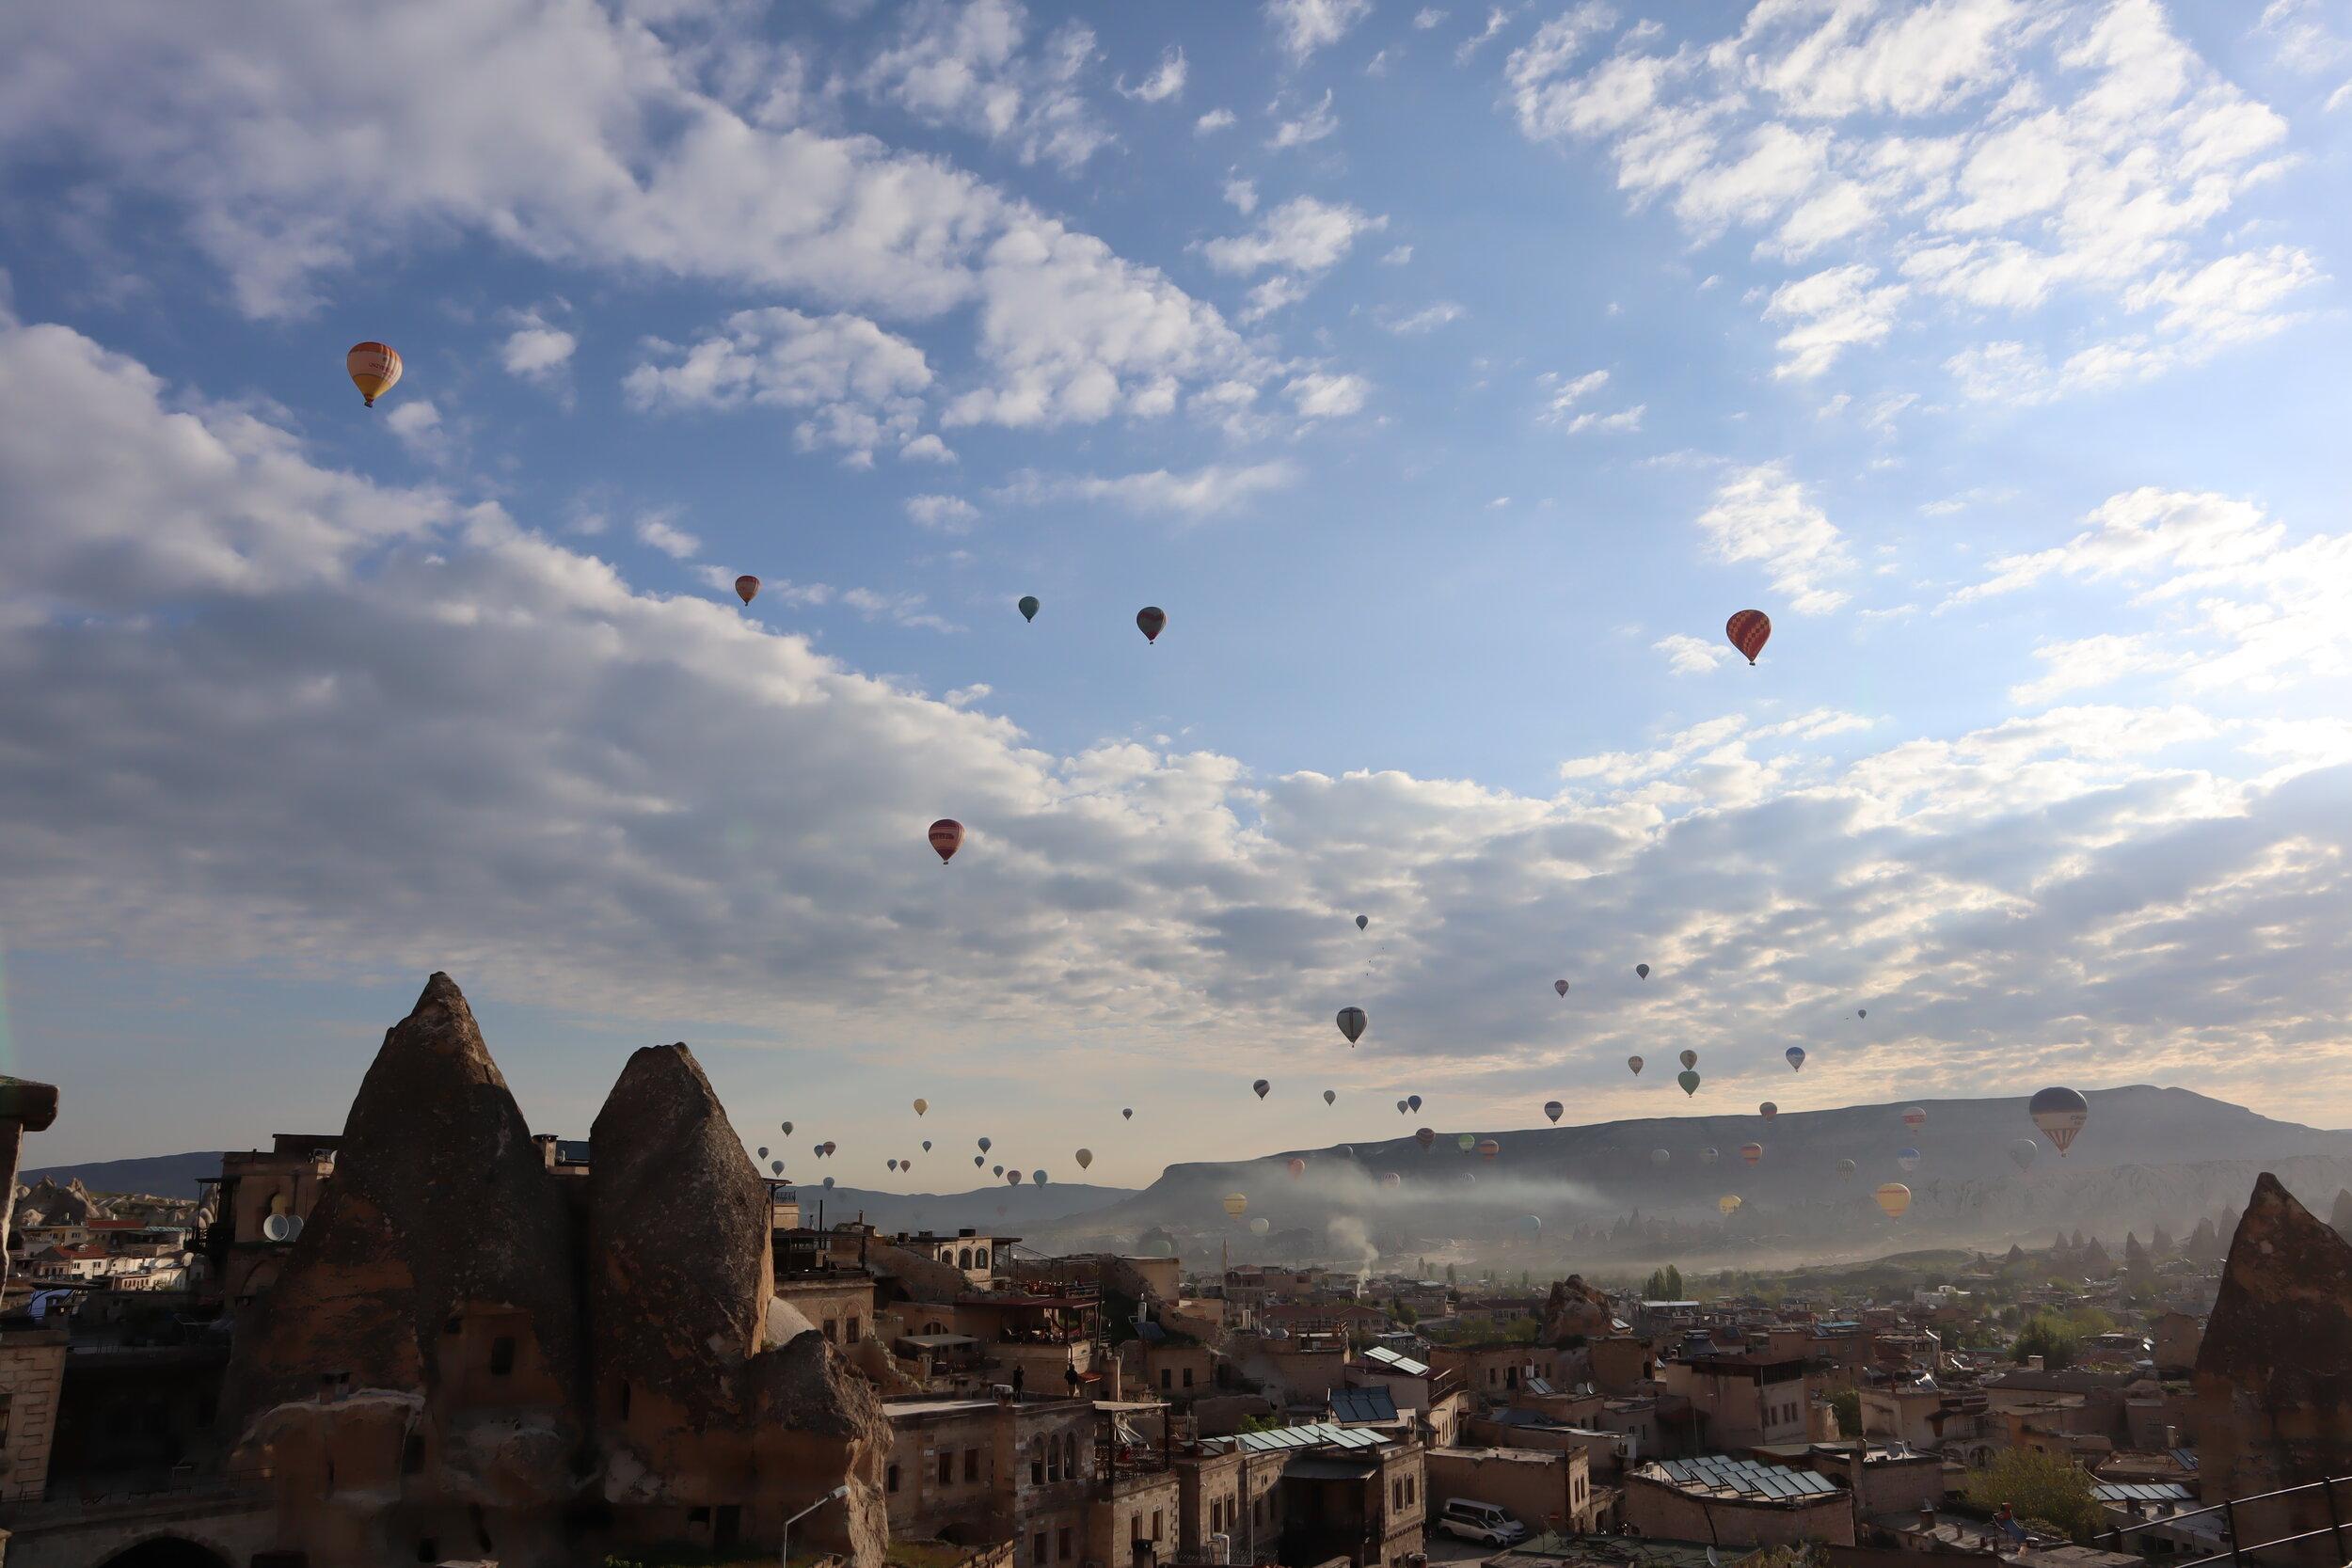 Looking at the hot air balloons